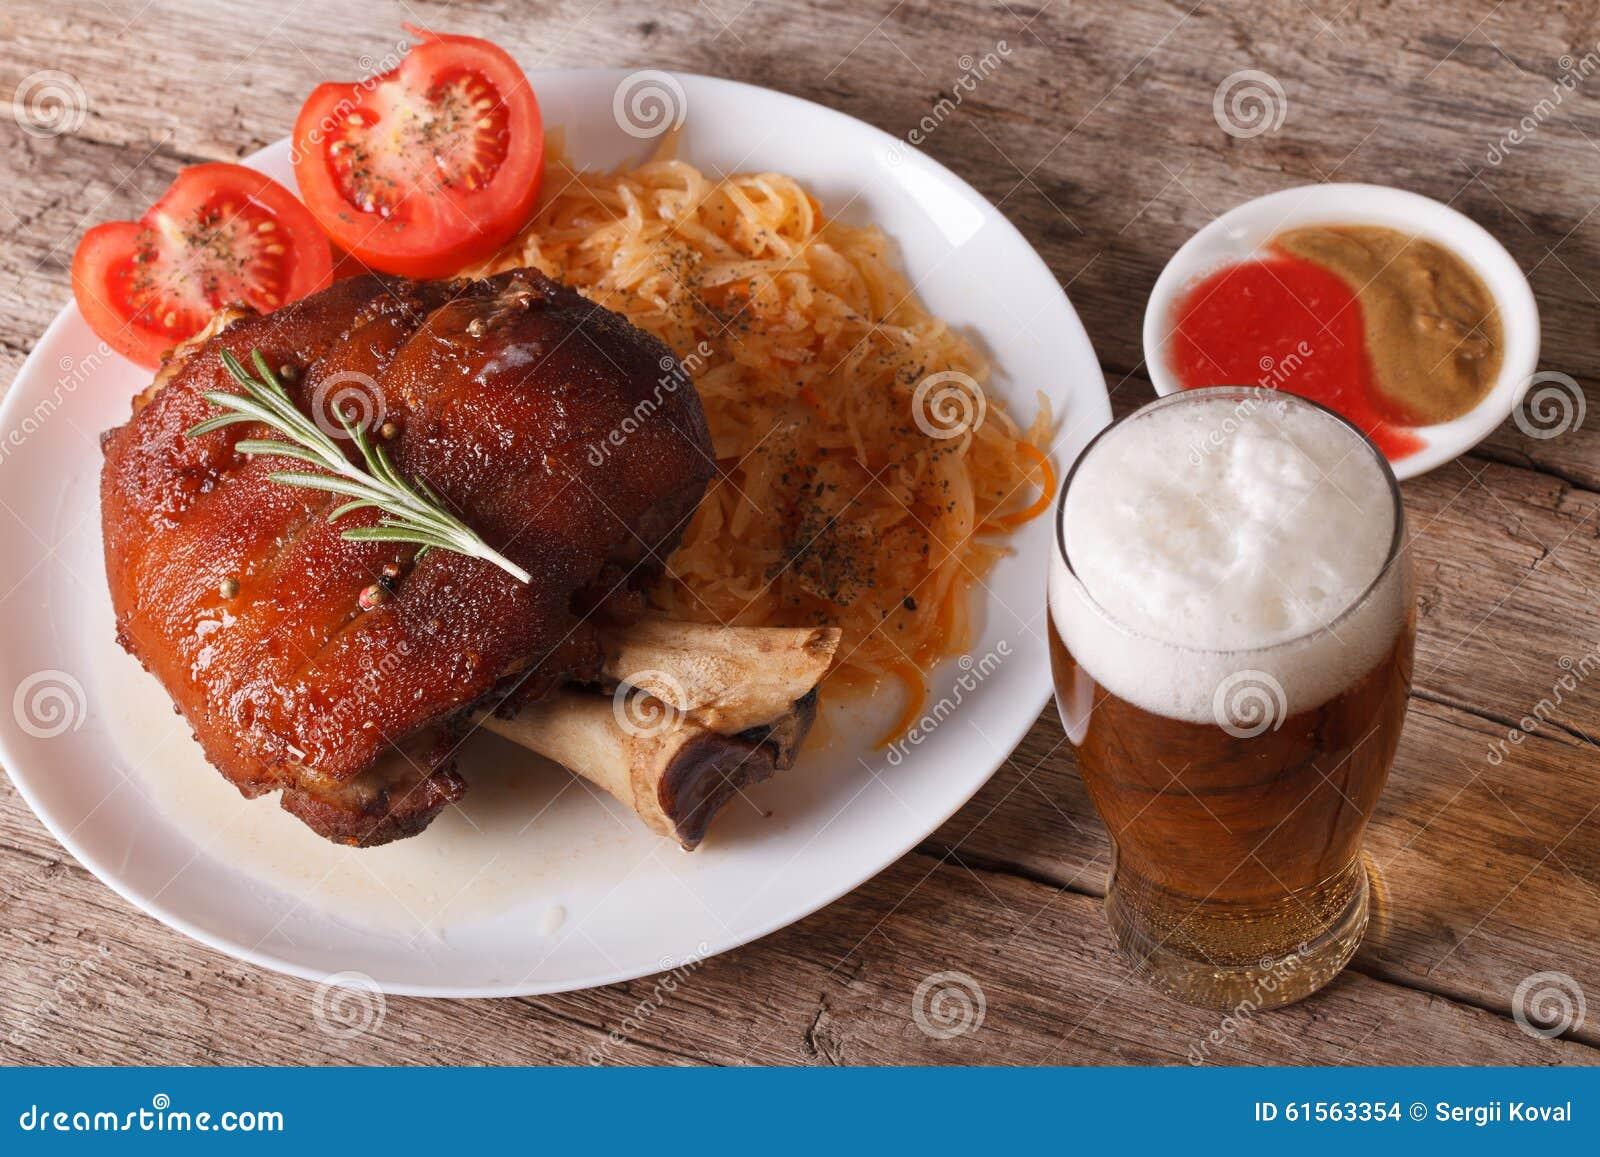 Cucina Tedesca Stinco Al Forno E Primo Piano E Birra Dei Crauti Fotografia Stock Immagine Di Cavolo Senape 61563354